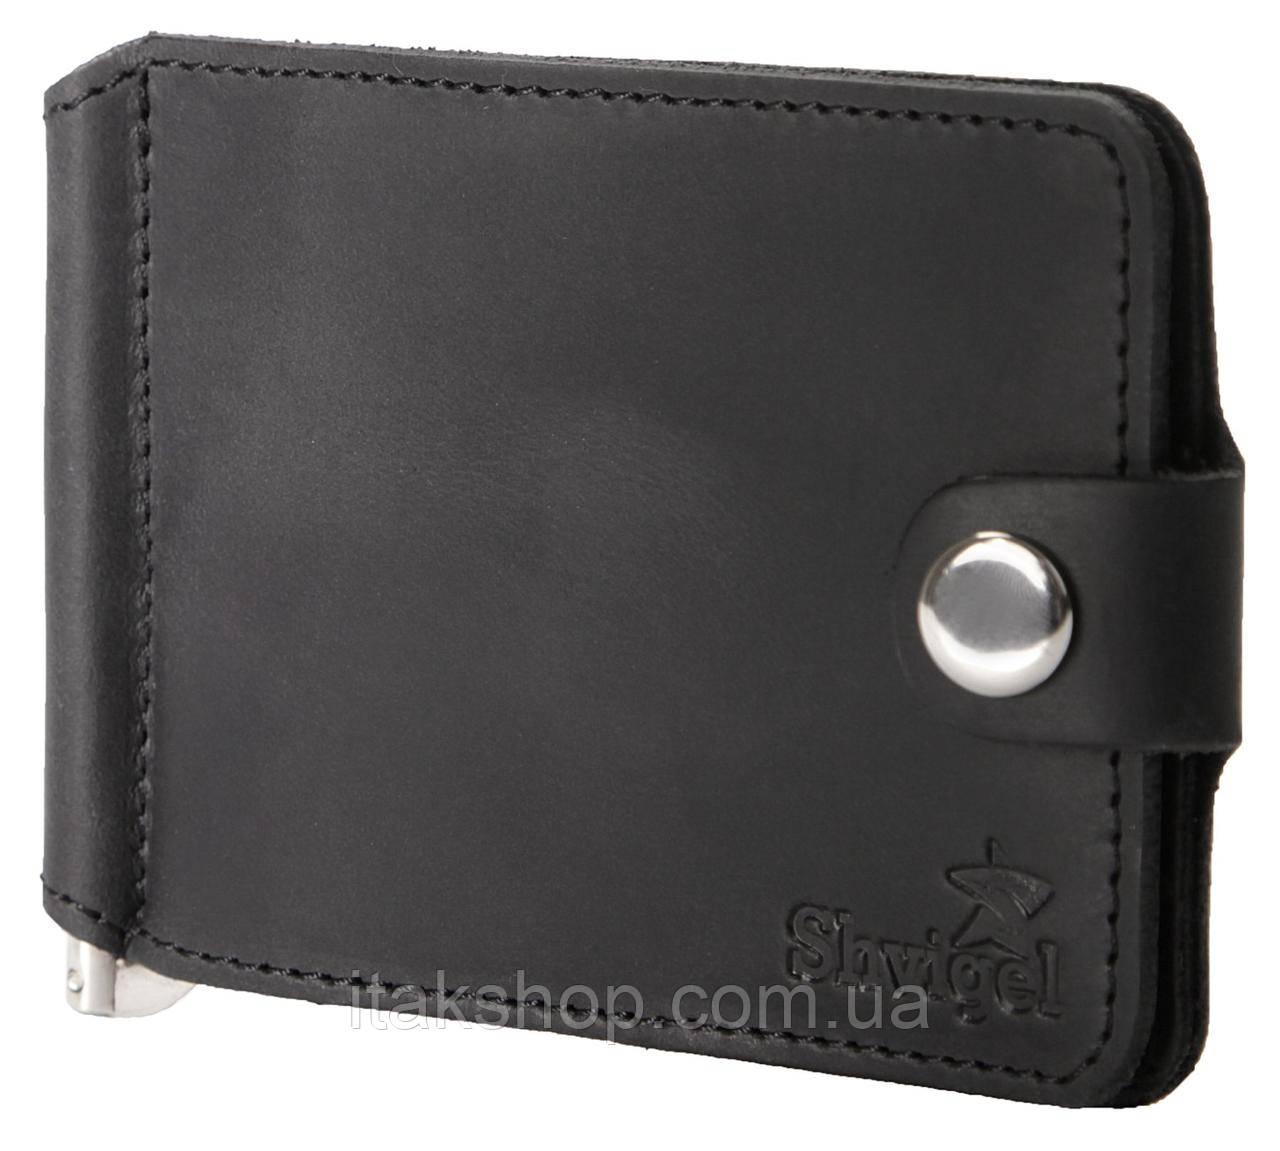 Зажим для купюр SHVIGEL 13787 из винтажной кожи Черный, Черный